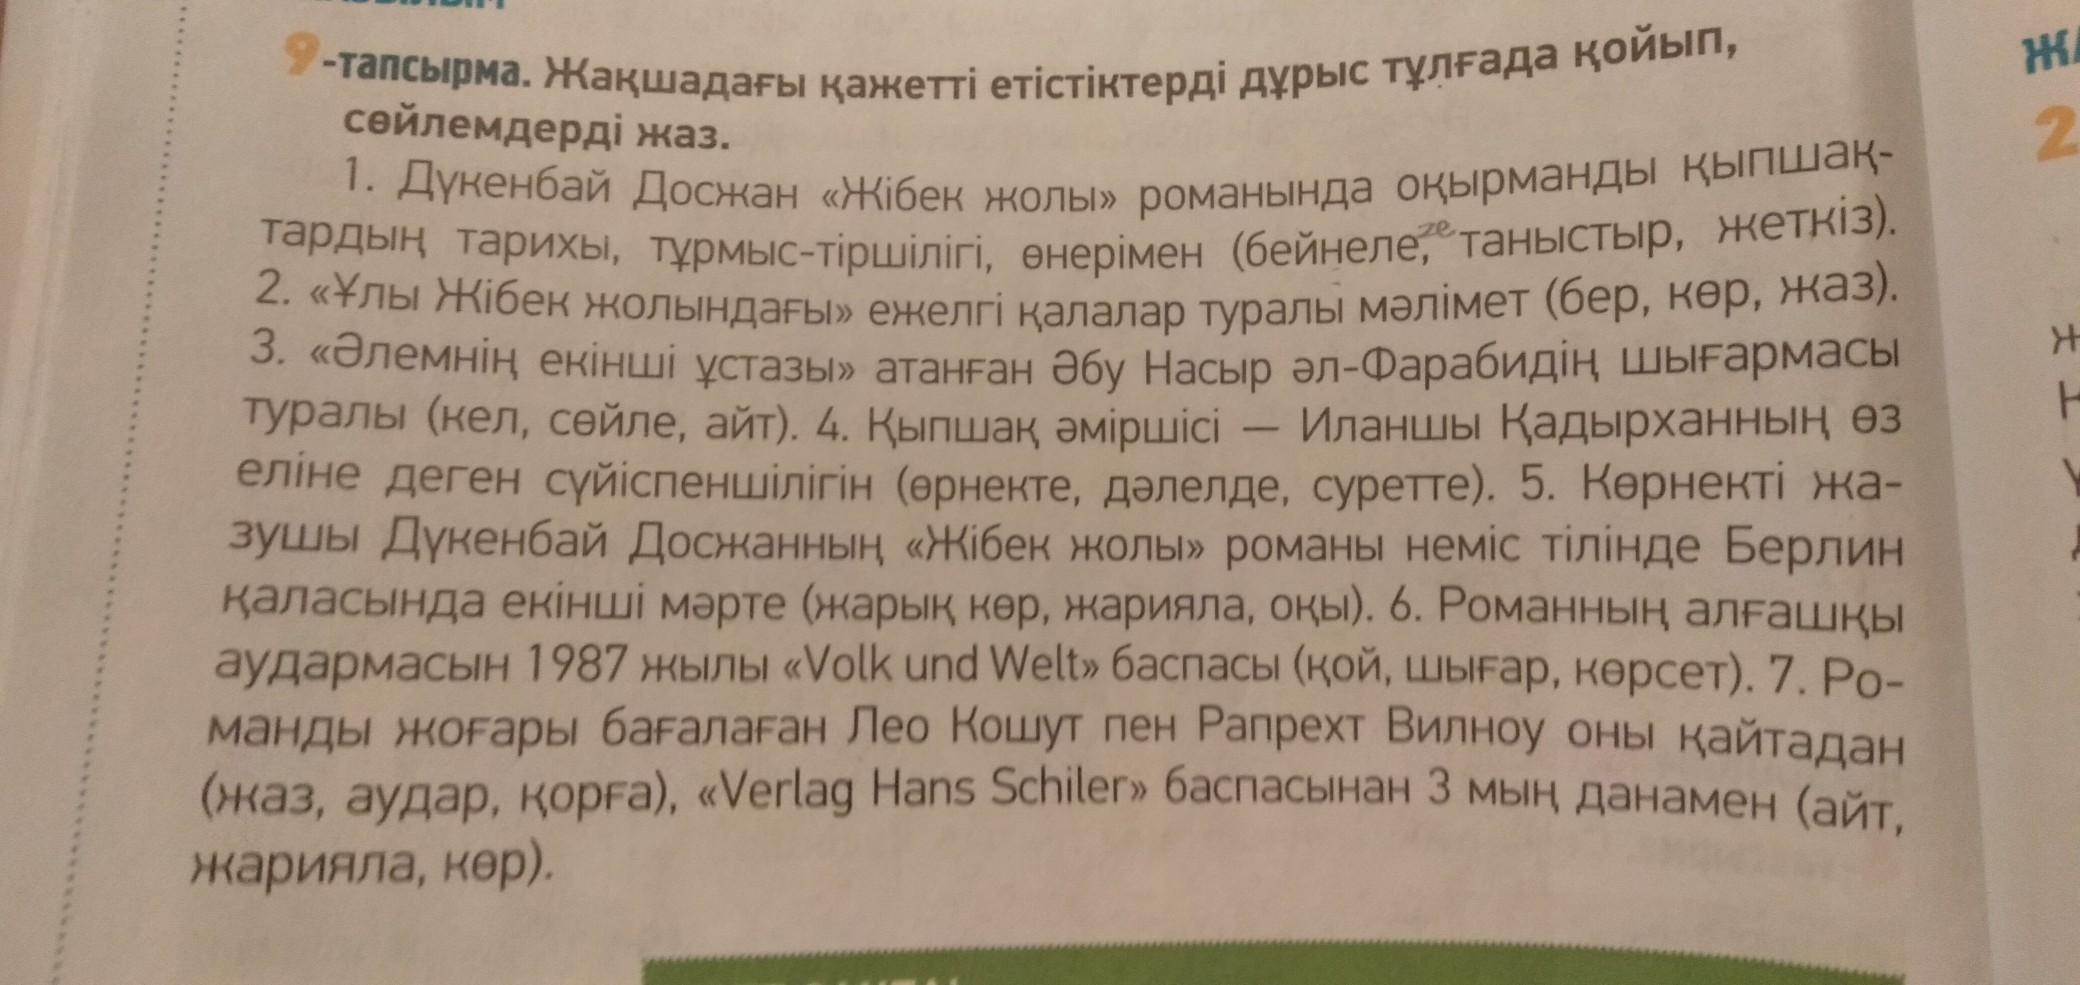 Помогите с упражнением по казахскому языку